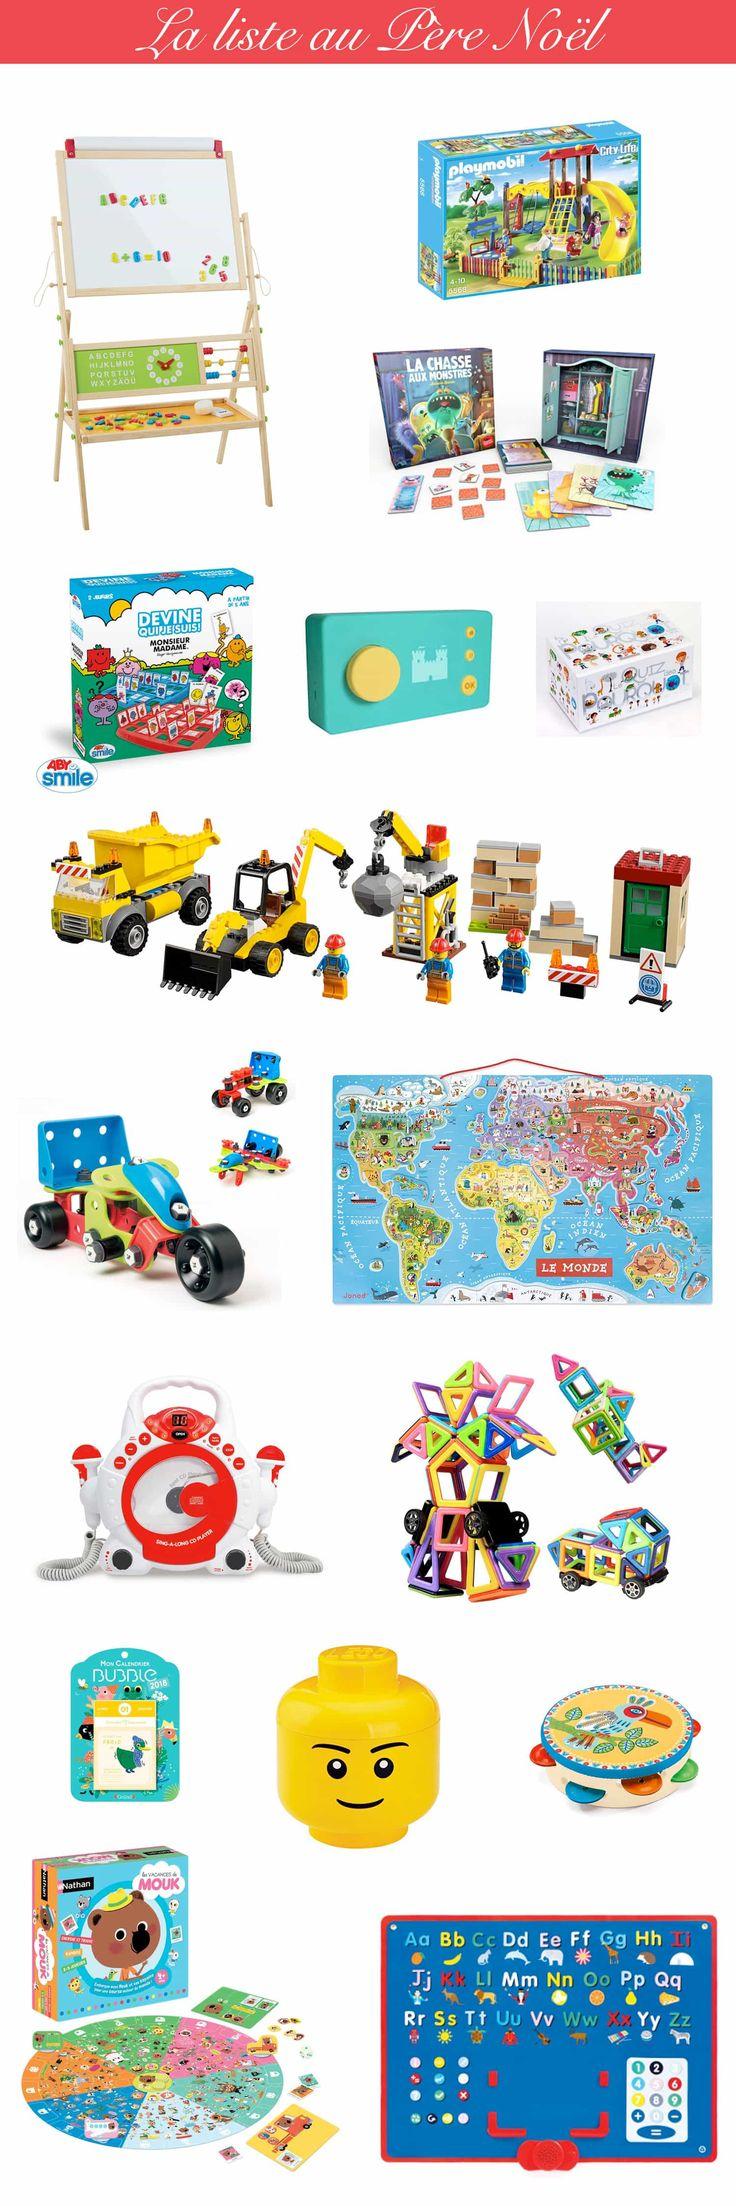 La liste au Père Noël : idées cadeau pour un enfant de 4 ans - Idée cadeau garçon & fille #noel #jouets #jeux #ideecadeau #cadeau #enfants